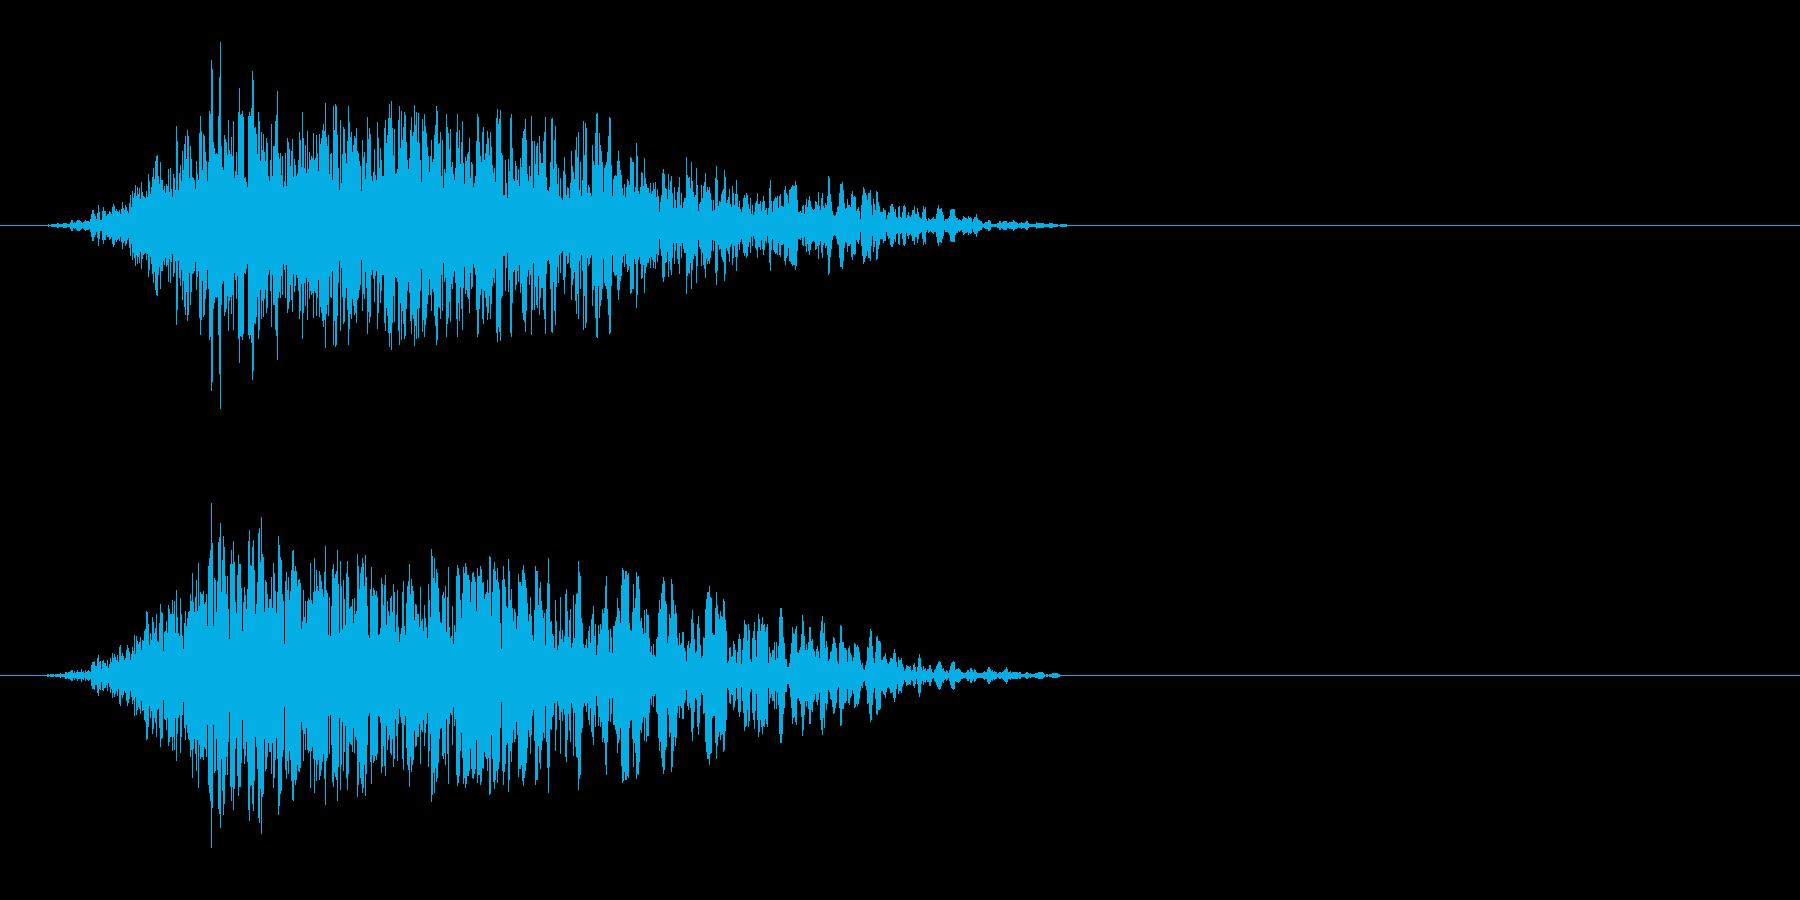 ドラゴン羽ばたき(バサァッッ)の再生済みの波形